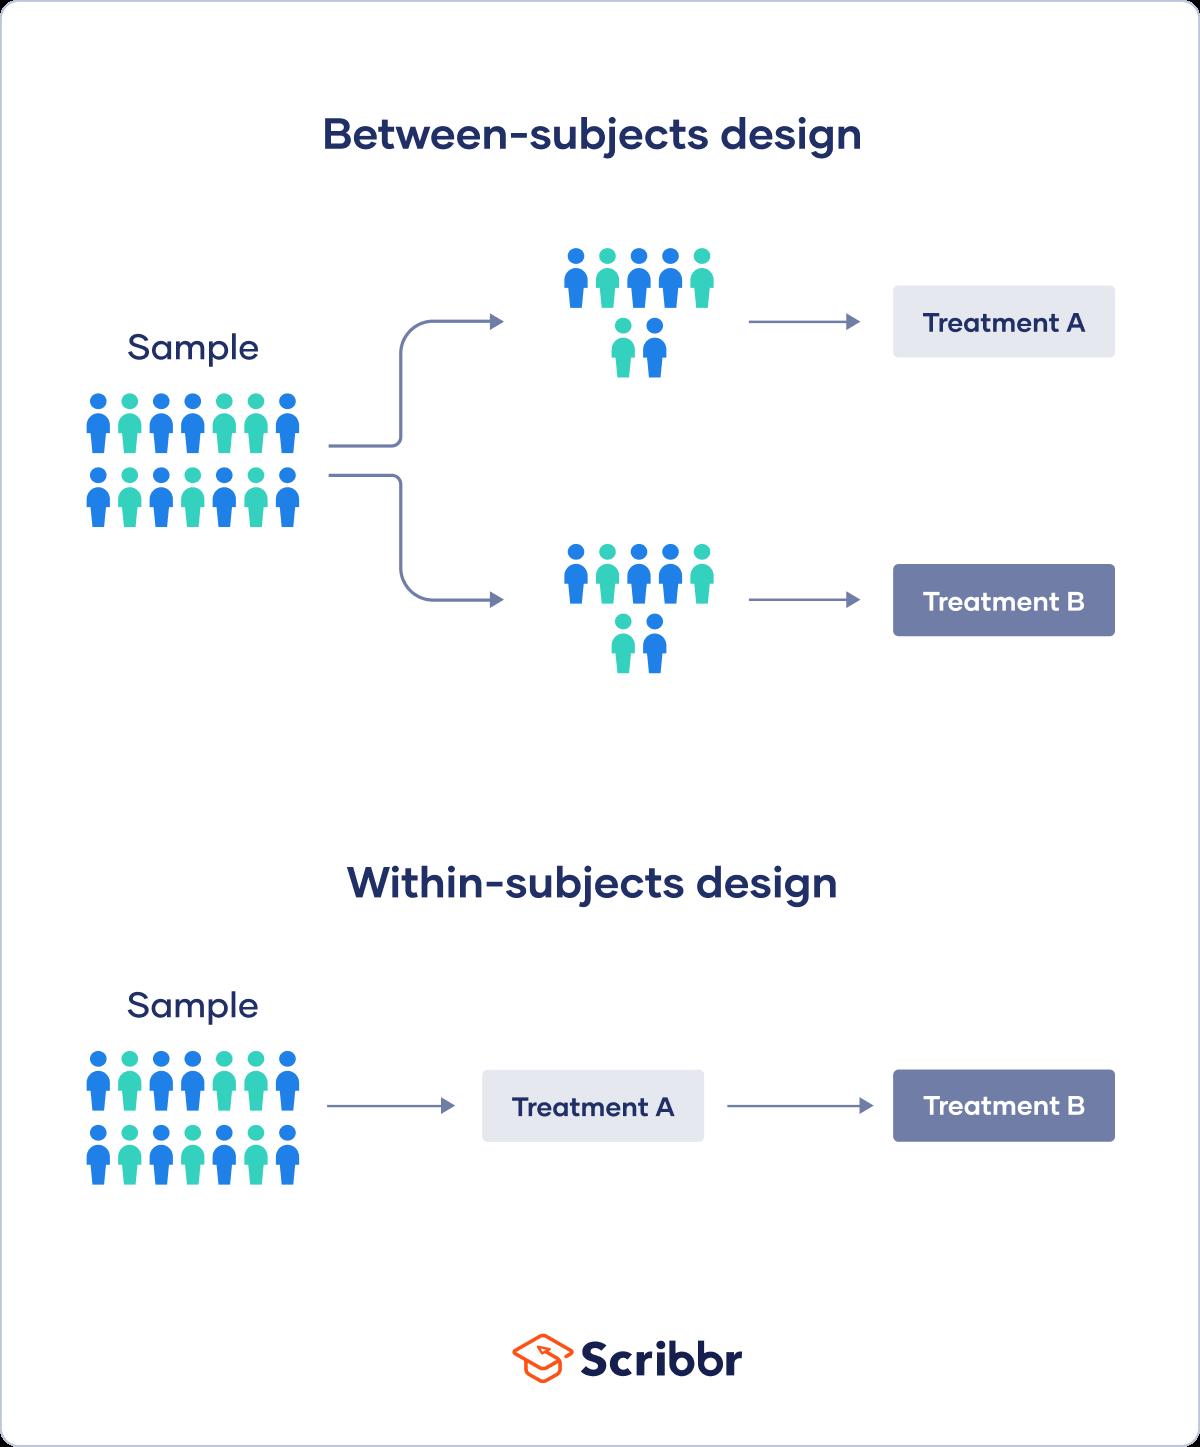 Between subjects design